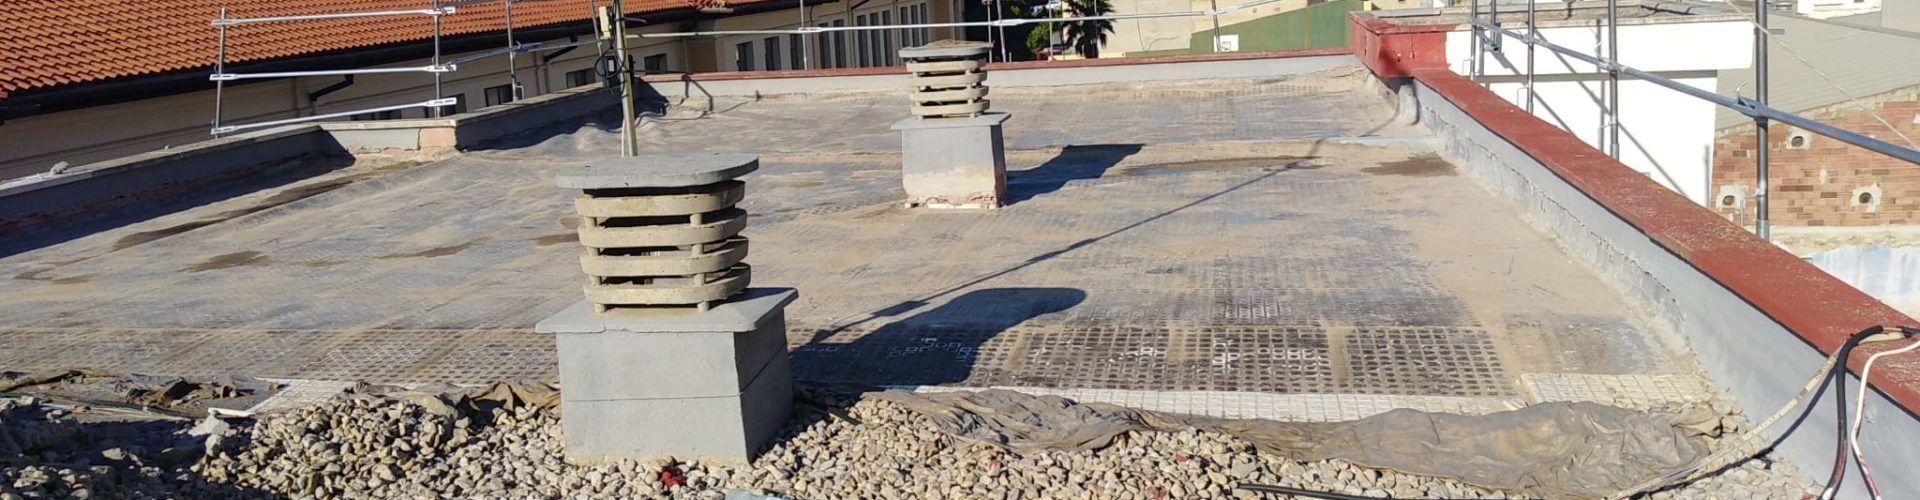 Comencen les obres de millora del CEIP Marqués de Benicarló